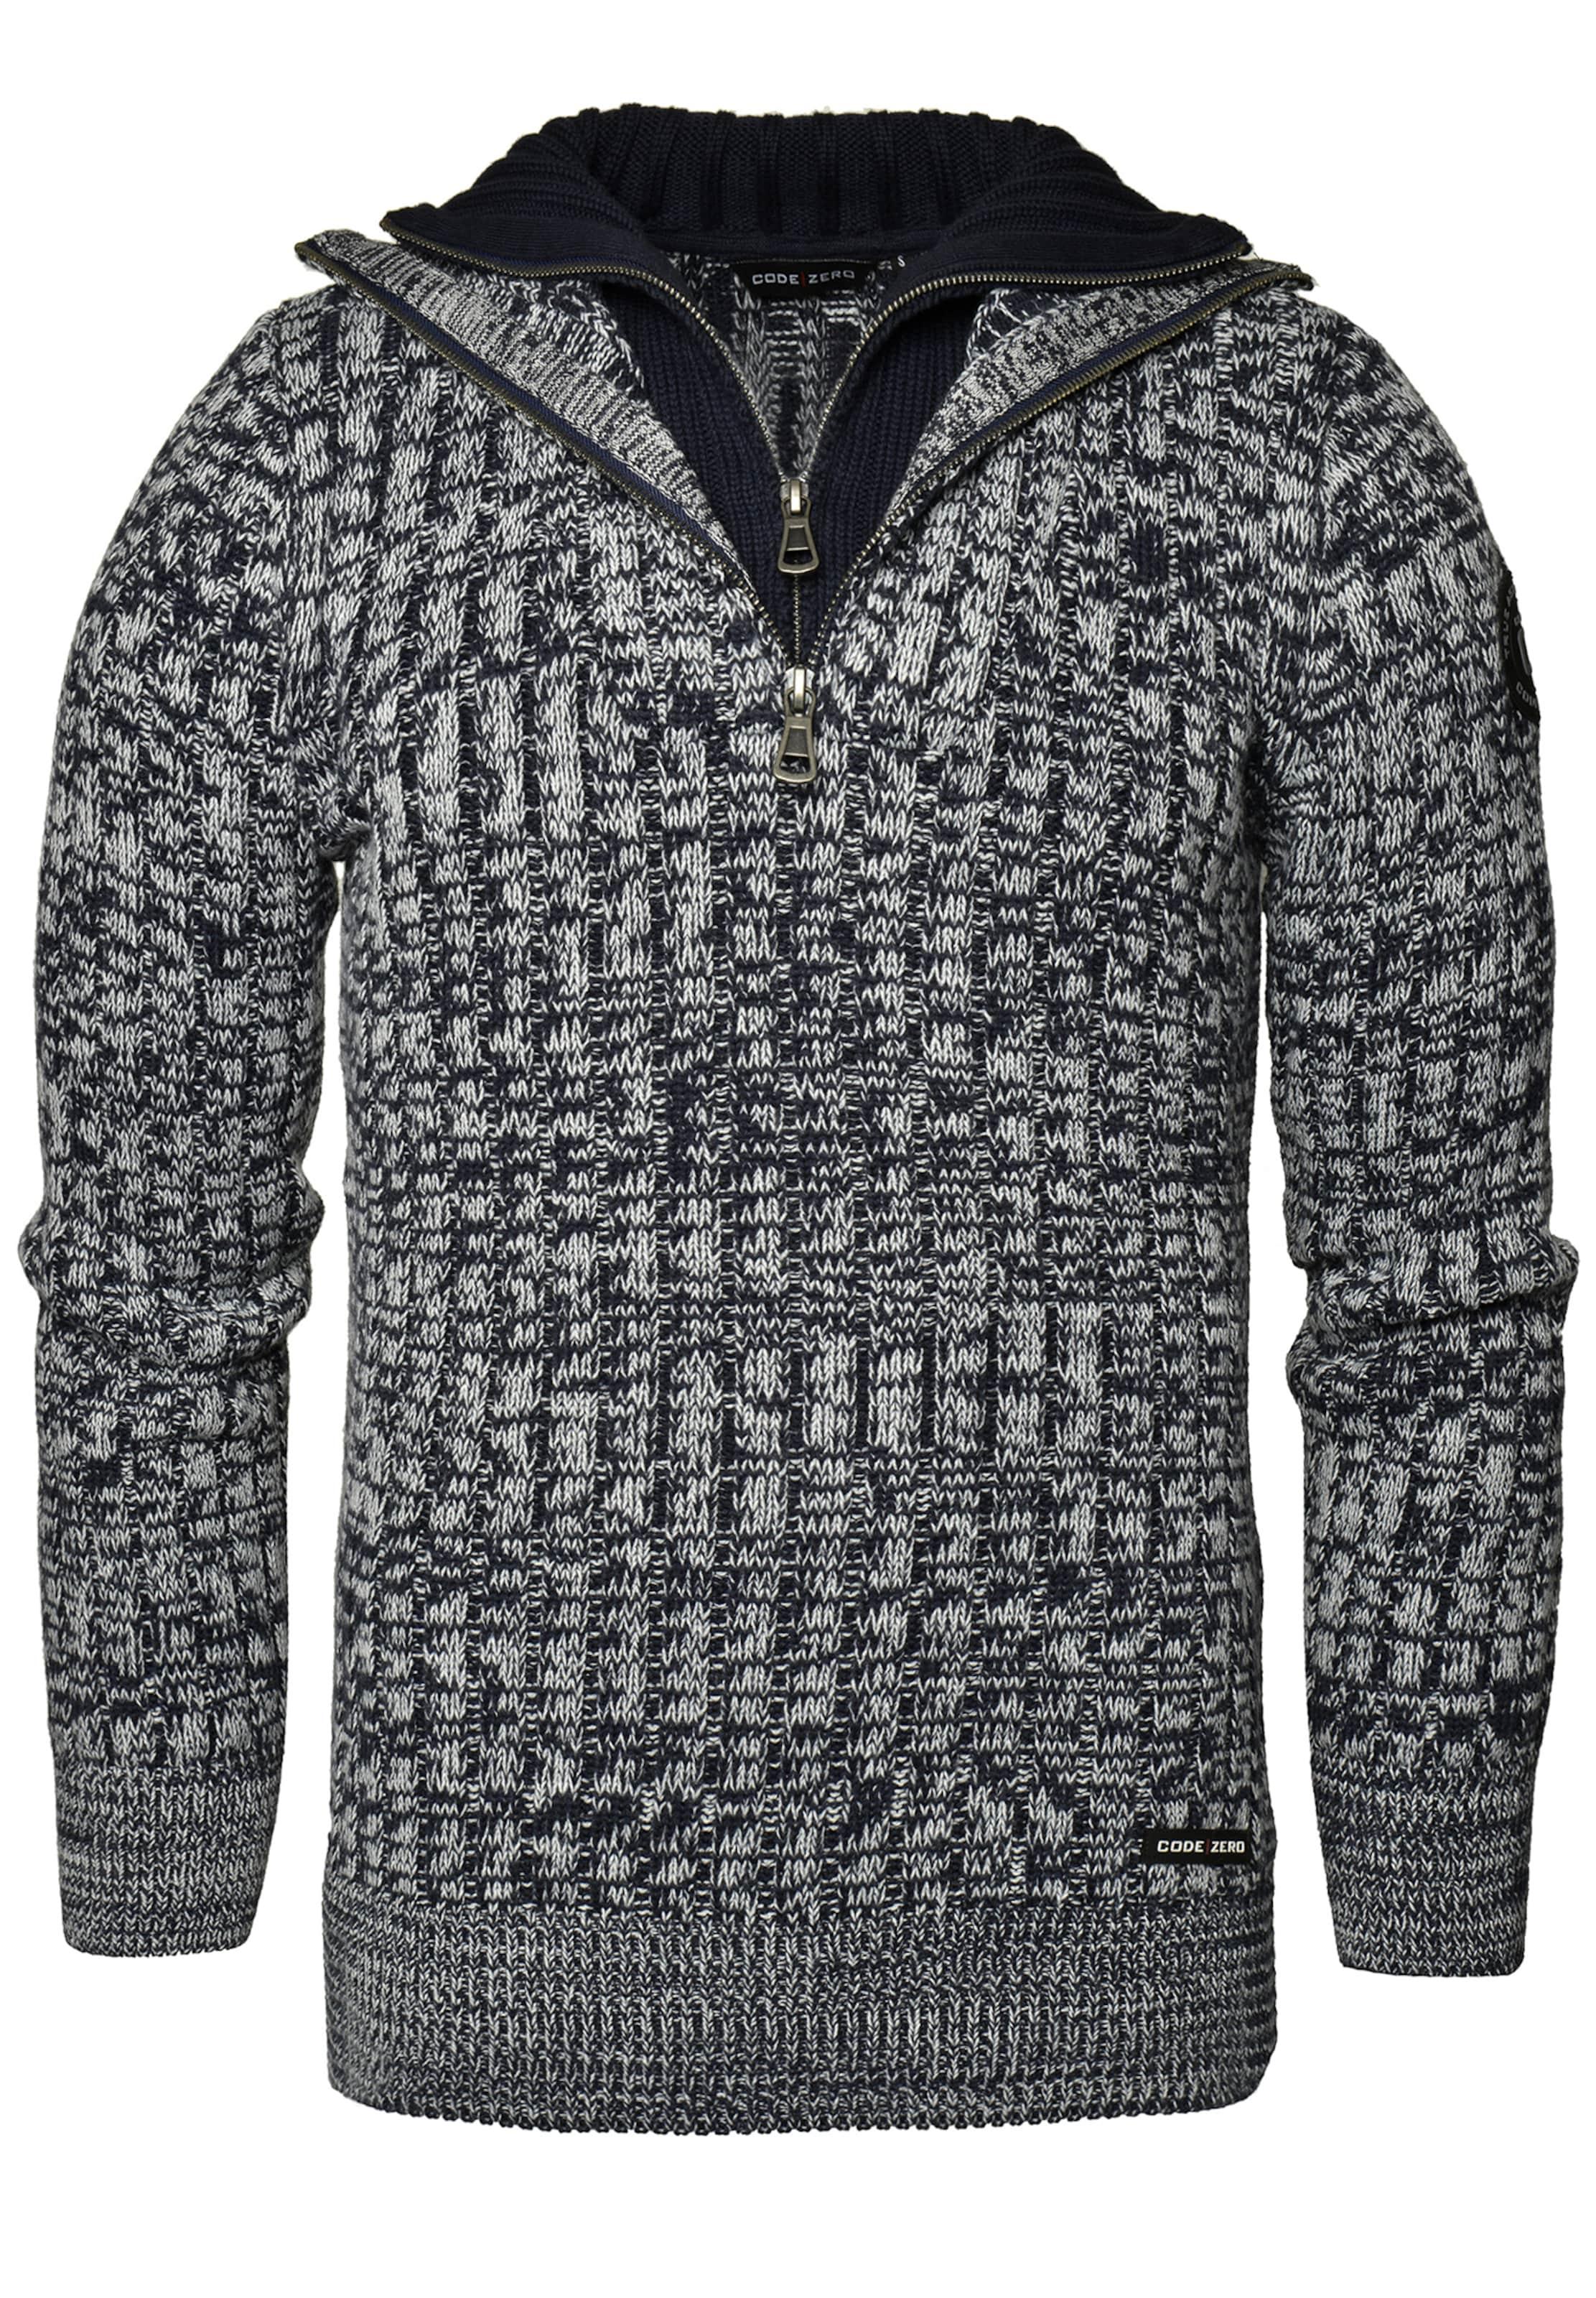 Graumeliert 'vang' zero Sweatshirt Code In l1FcTKJ3